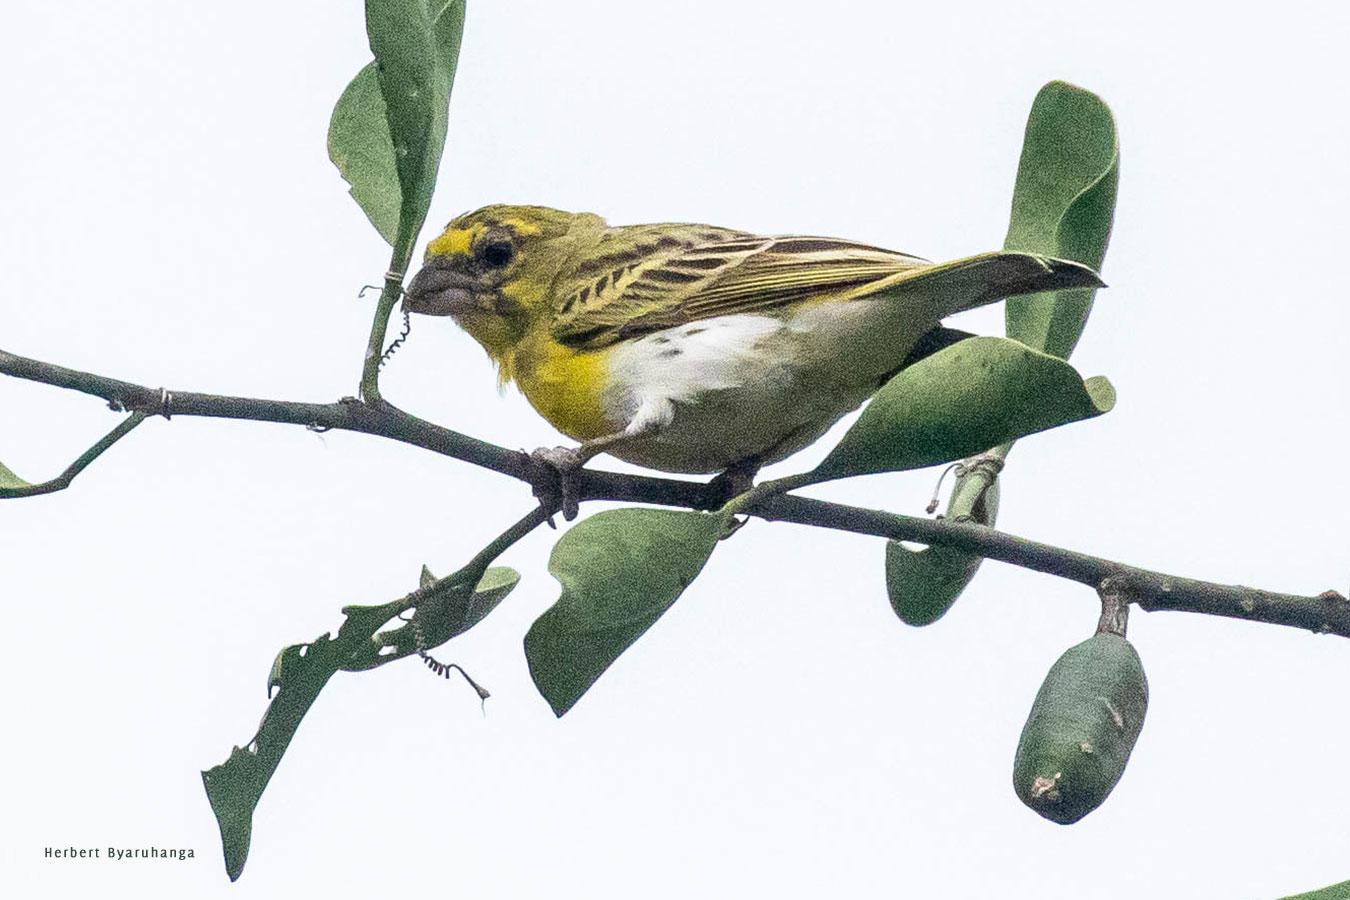 kara-tunga-karamoja-uganda-tours-birding-White-bellied-Canary